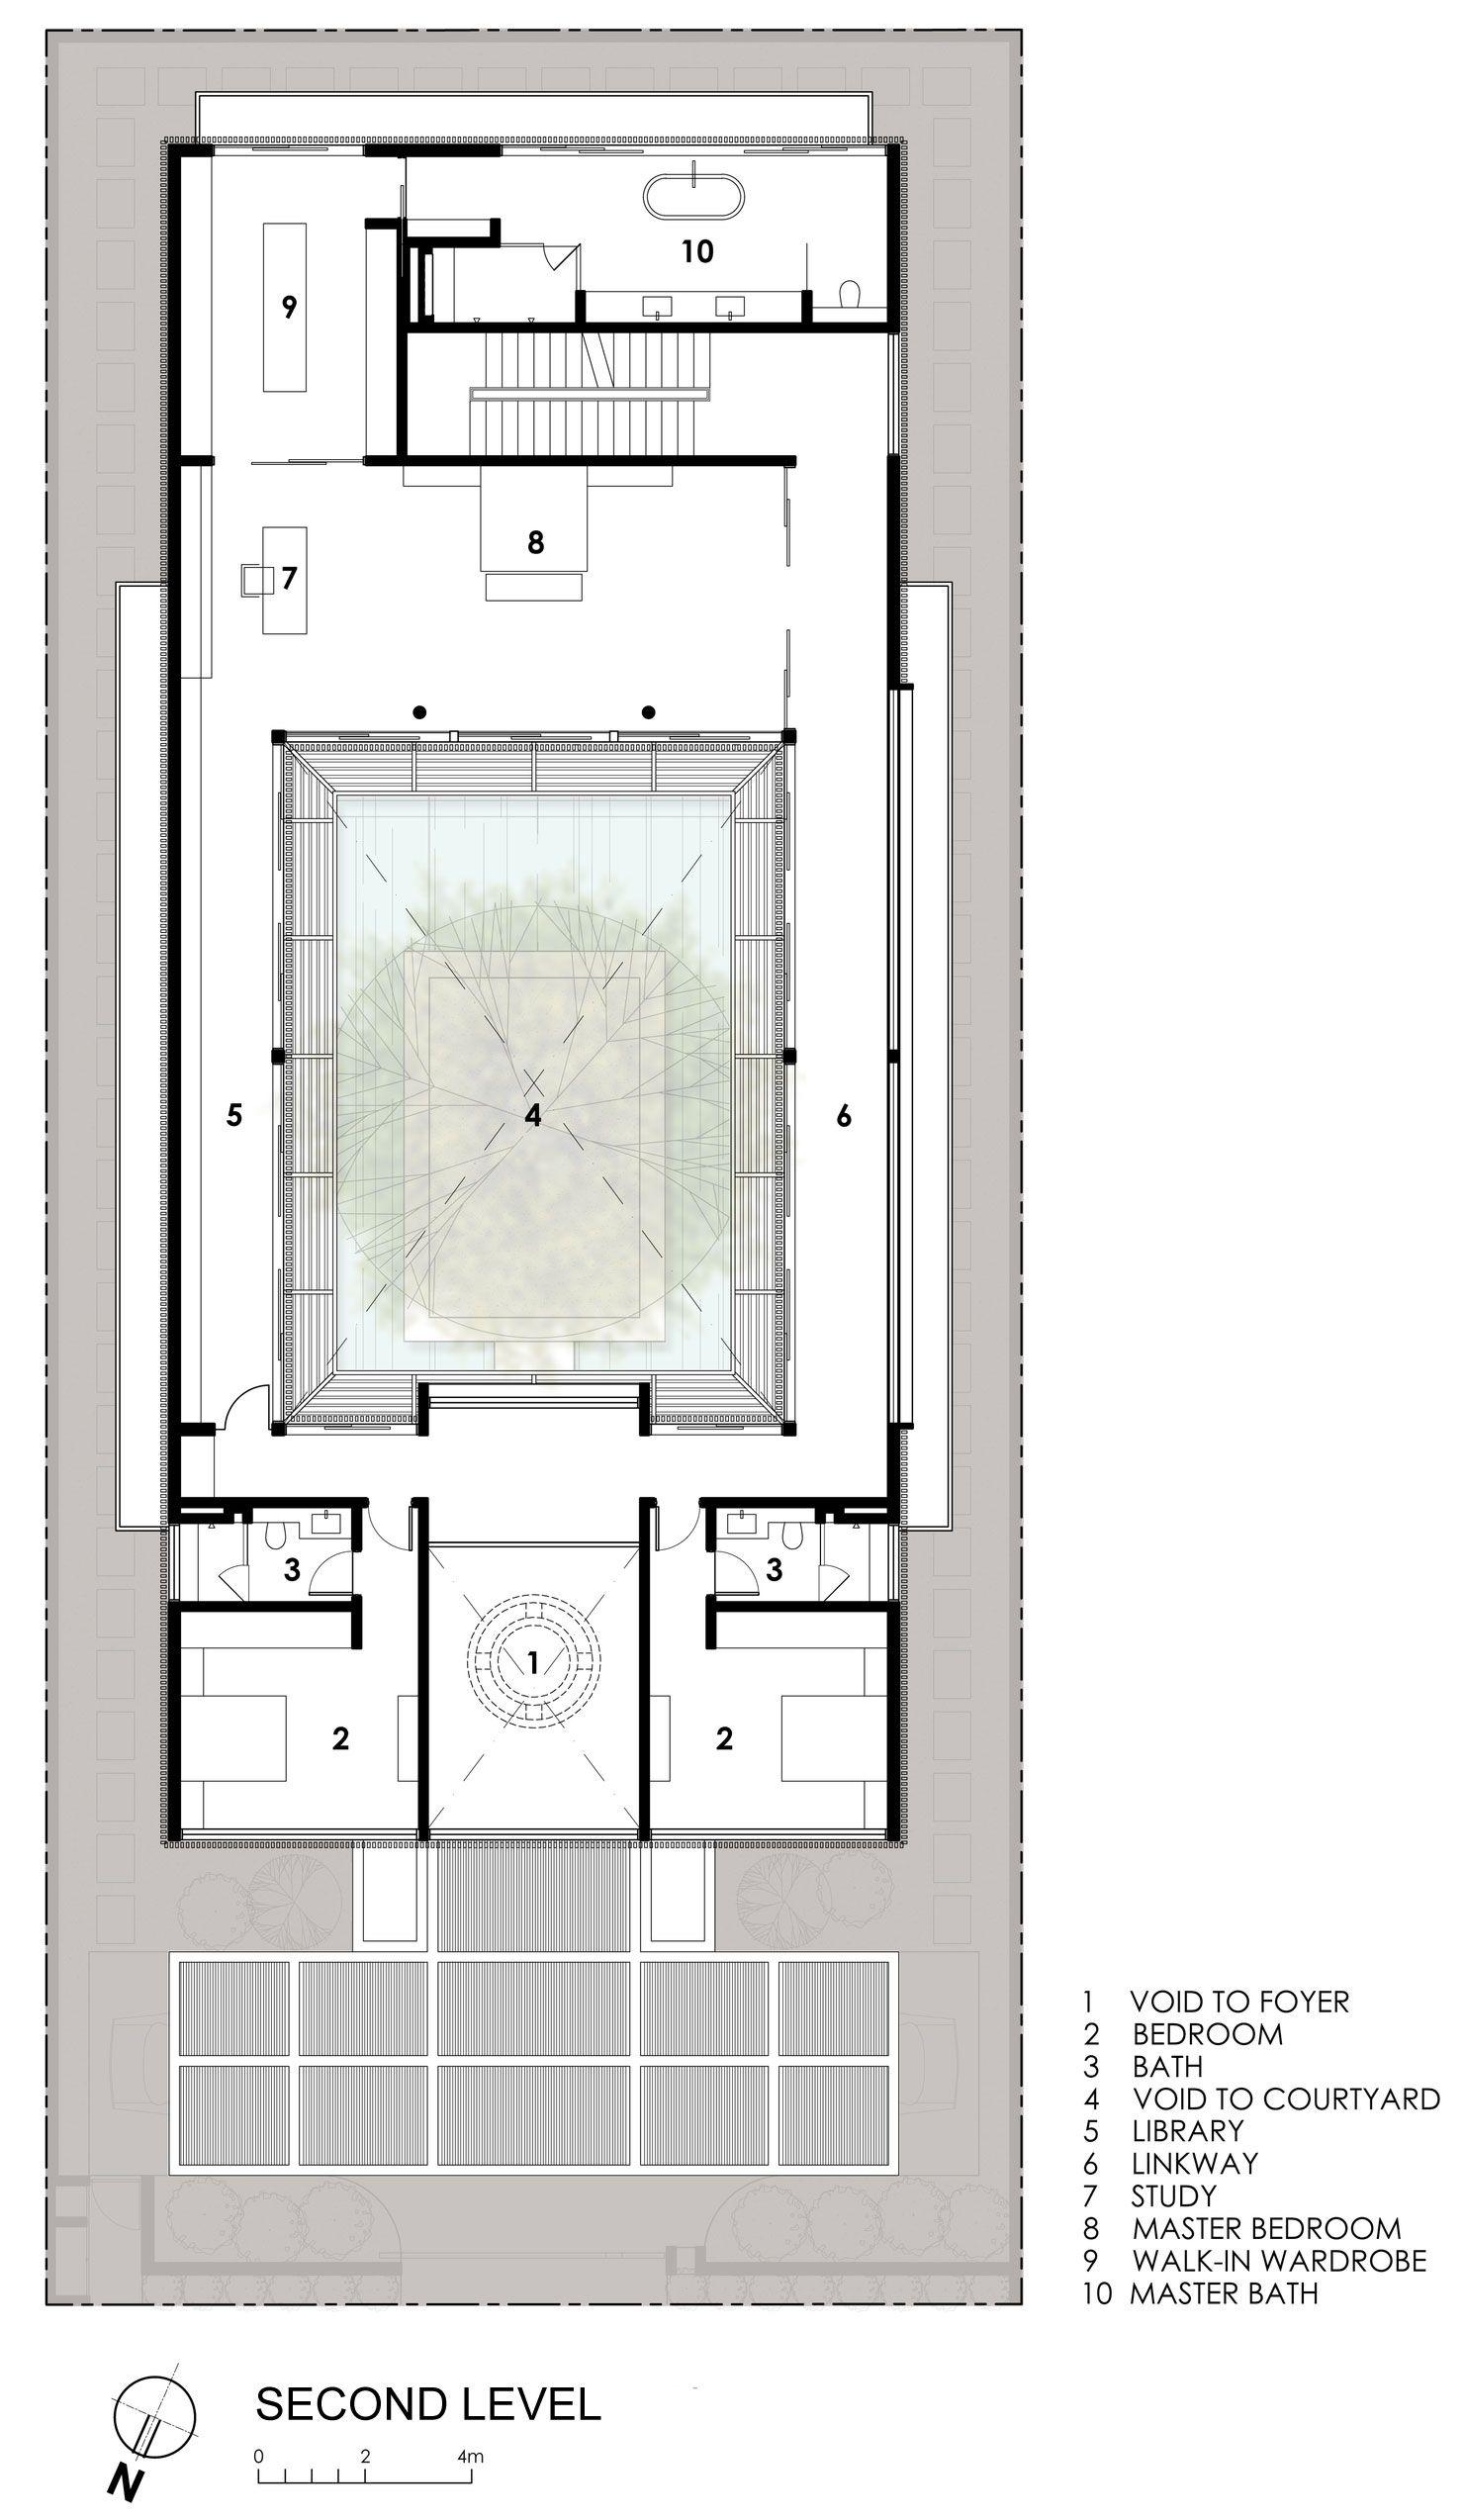 Centennial Tree House By Wallflower Architecture Design Planos De Casas Modernas Arquitectura Residencial Moderna Planos De Casas